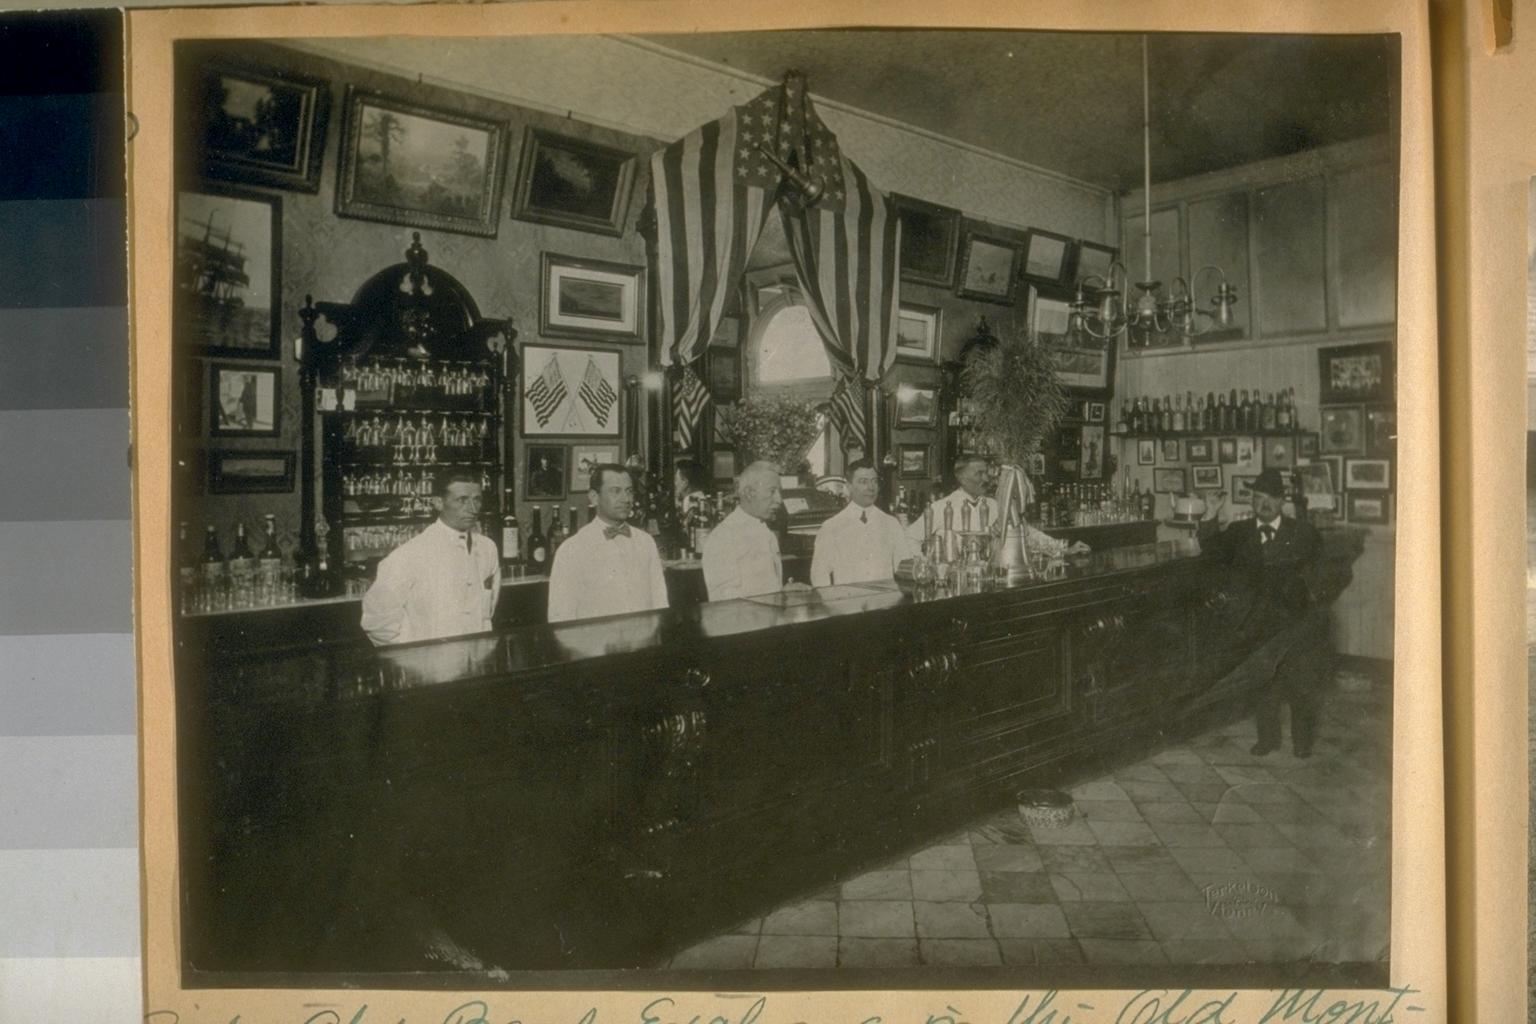 BankExchangeBilliardSaloon-DuncanNicolsleft-1912.jpg